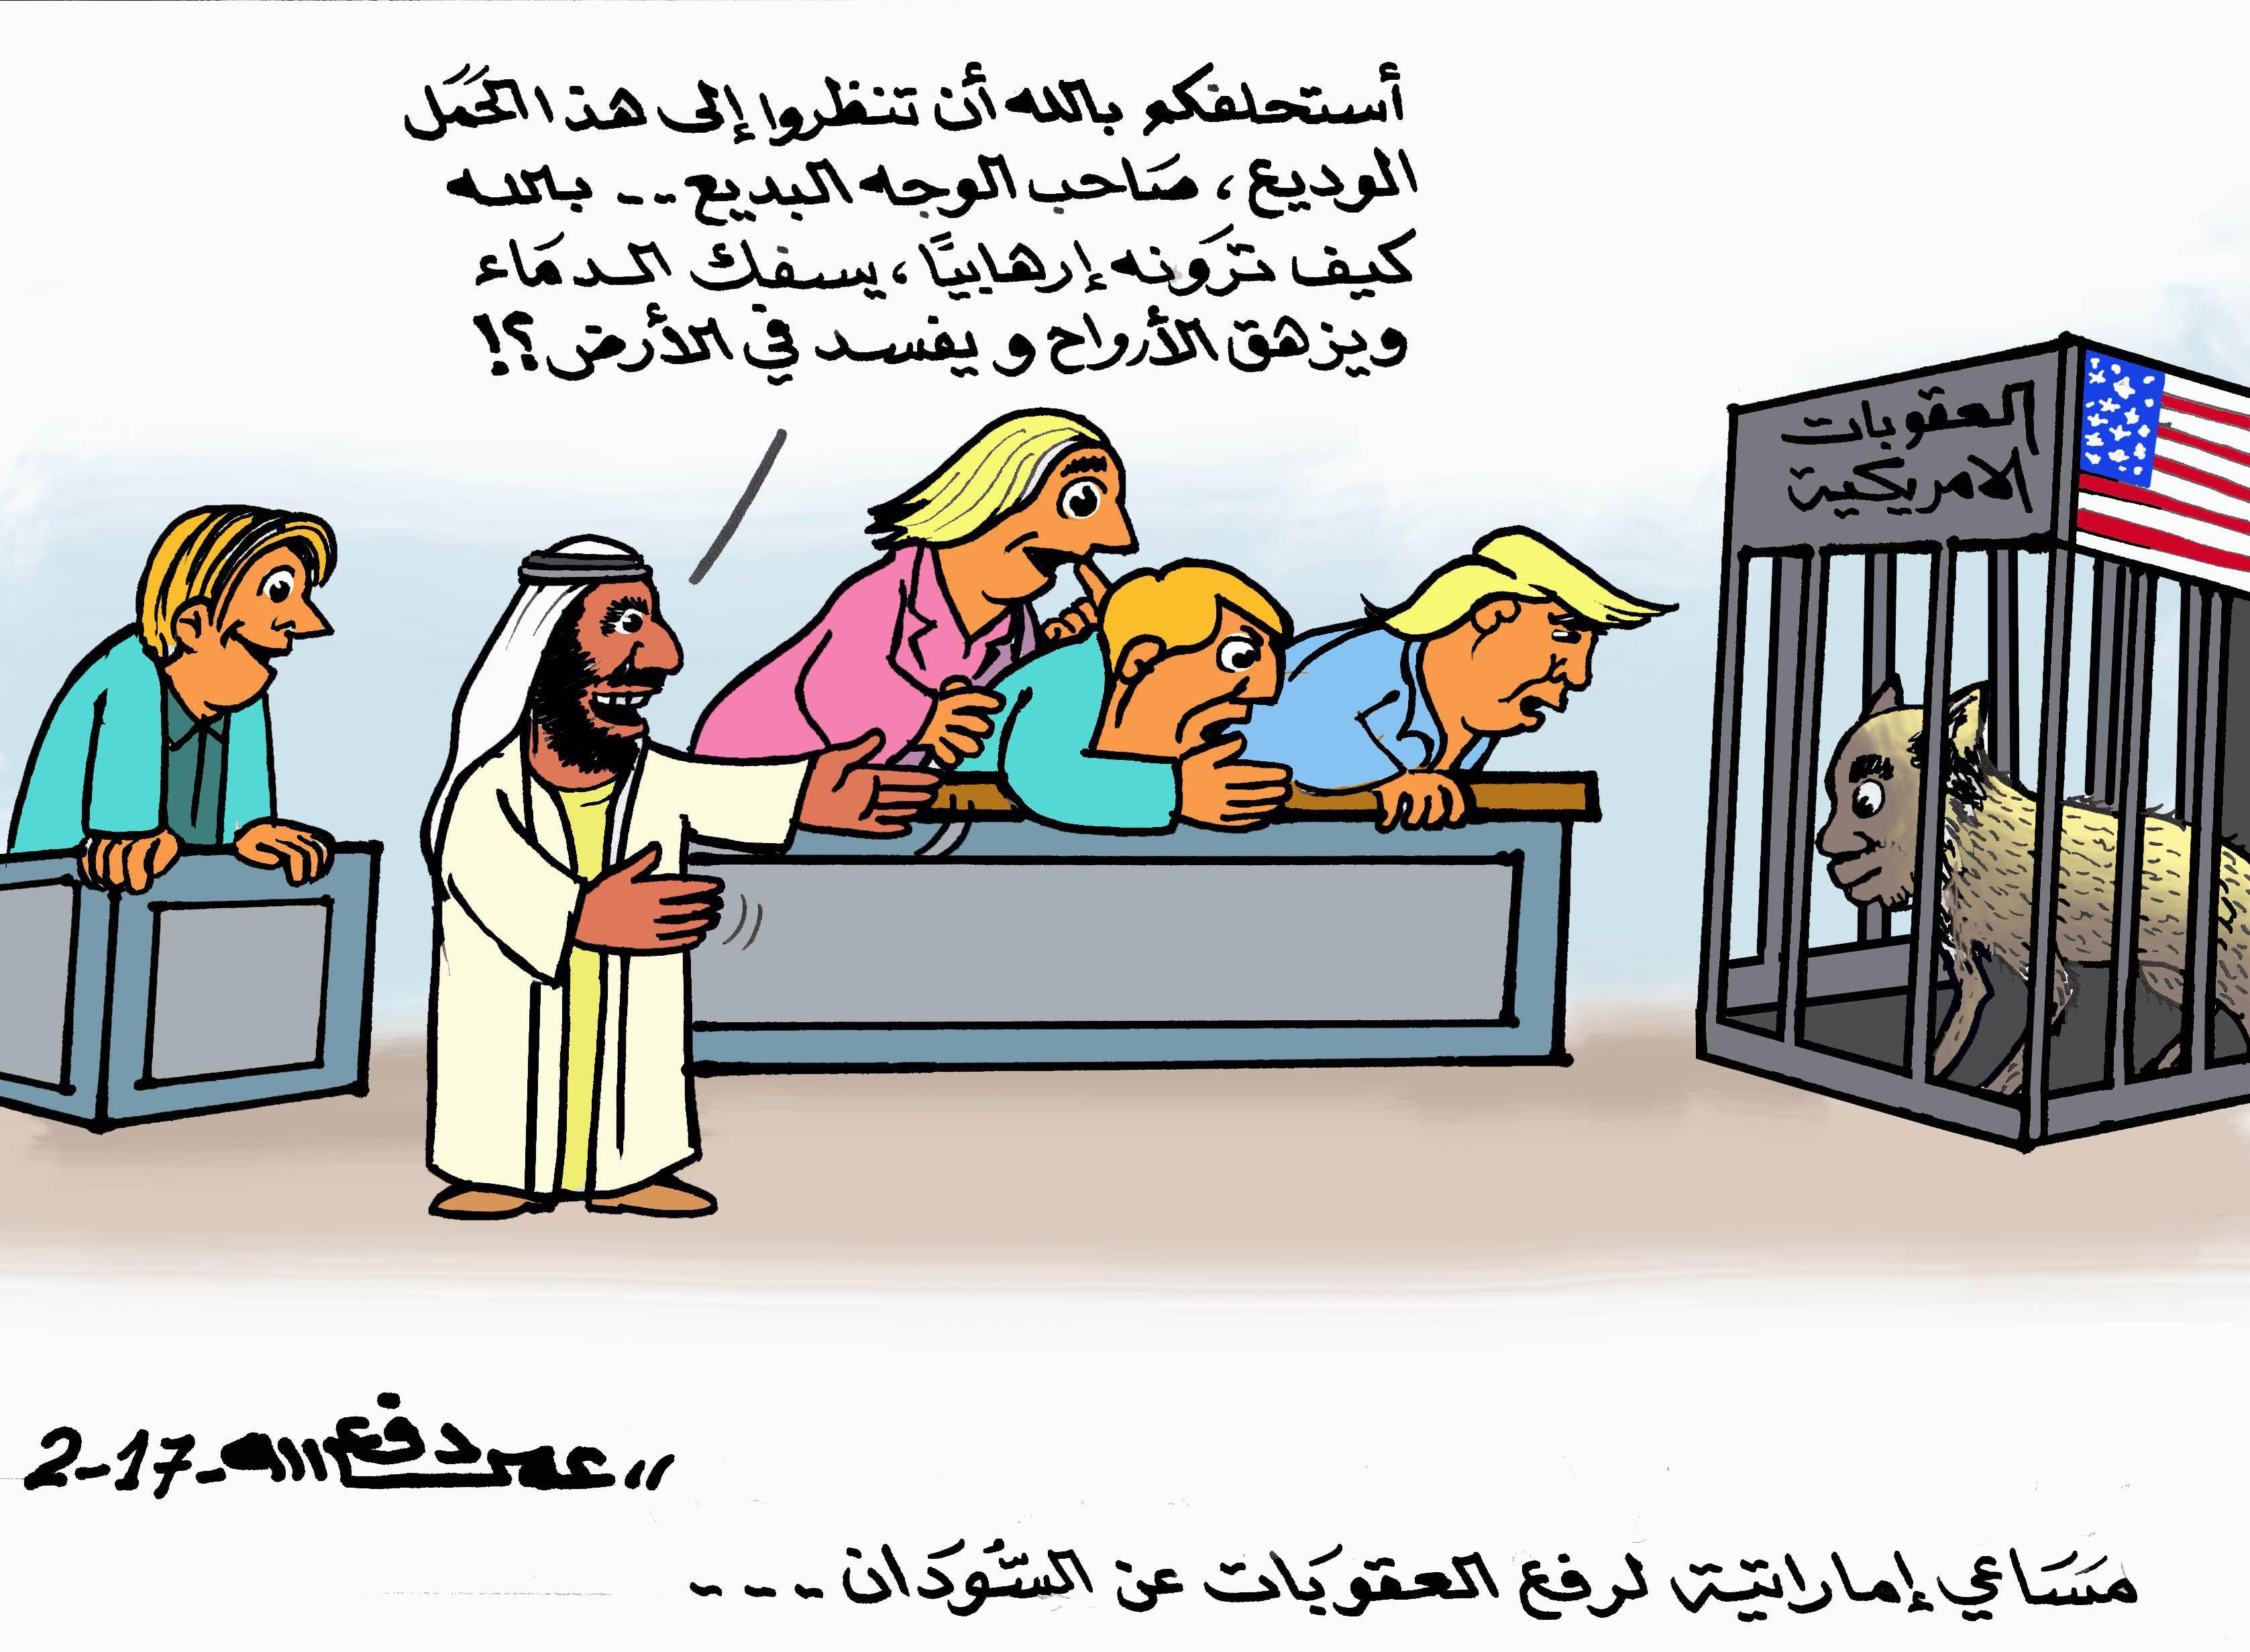 كاركاتير اليوم الموافق 14 فبراير 2017 للفنان عمر دفع الله